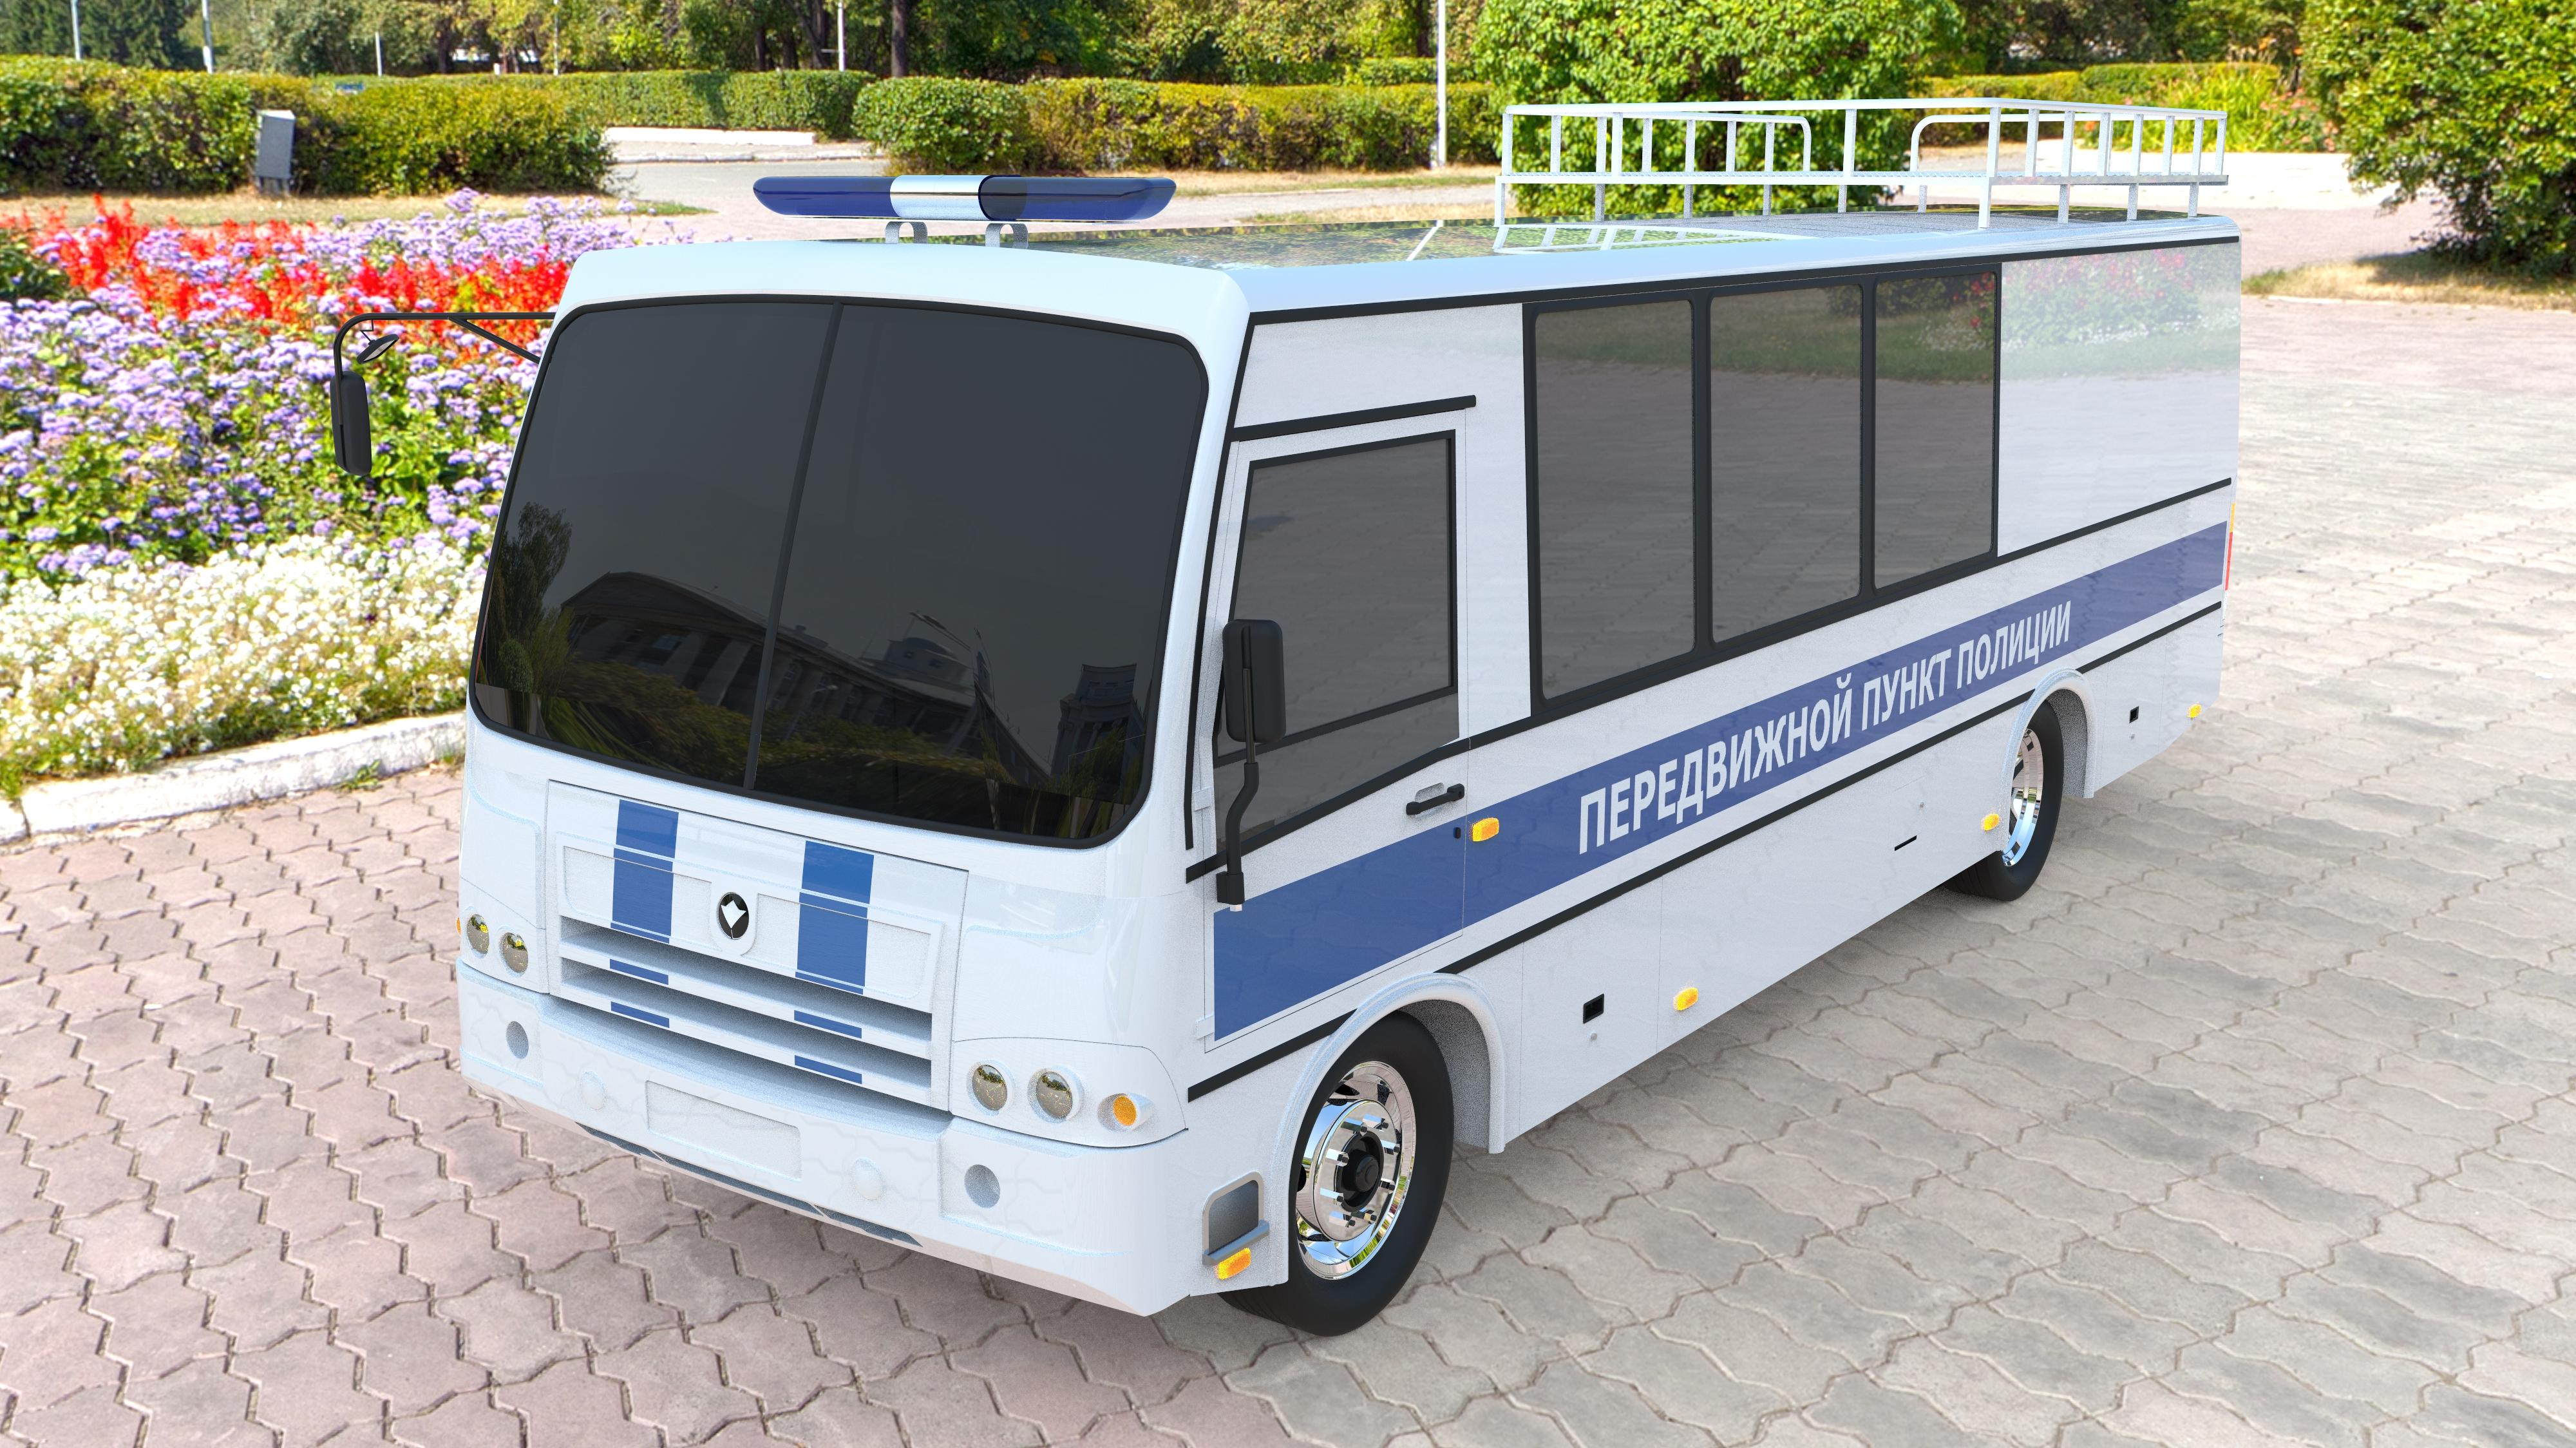 Bus2.81